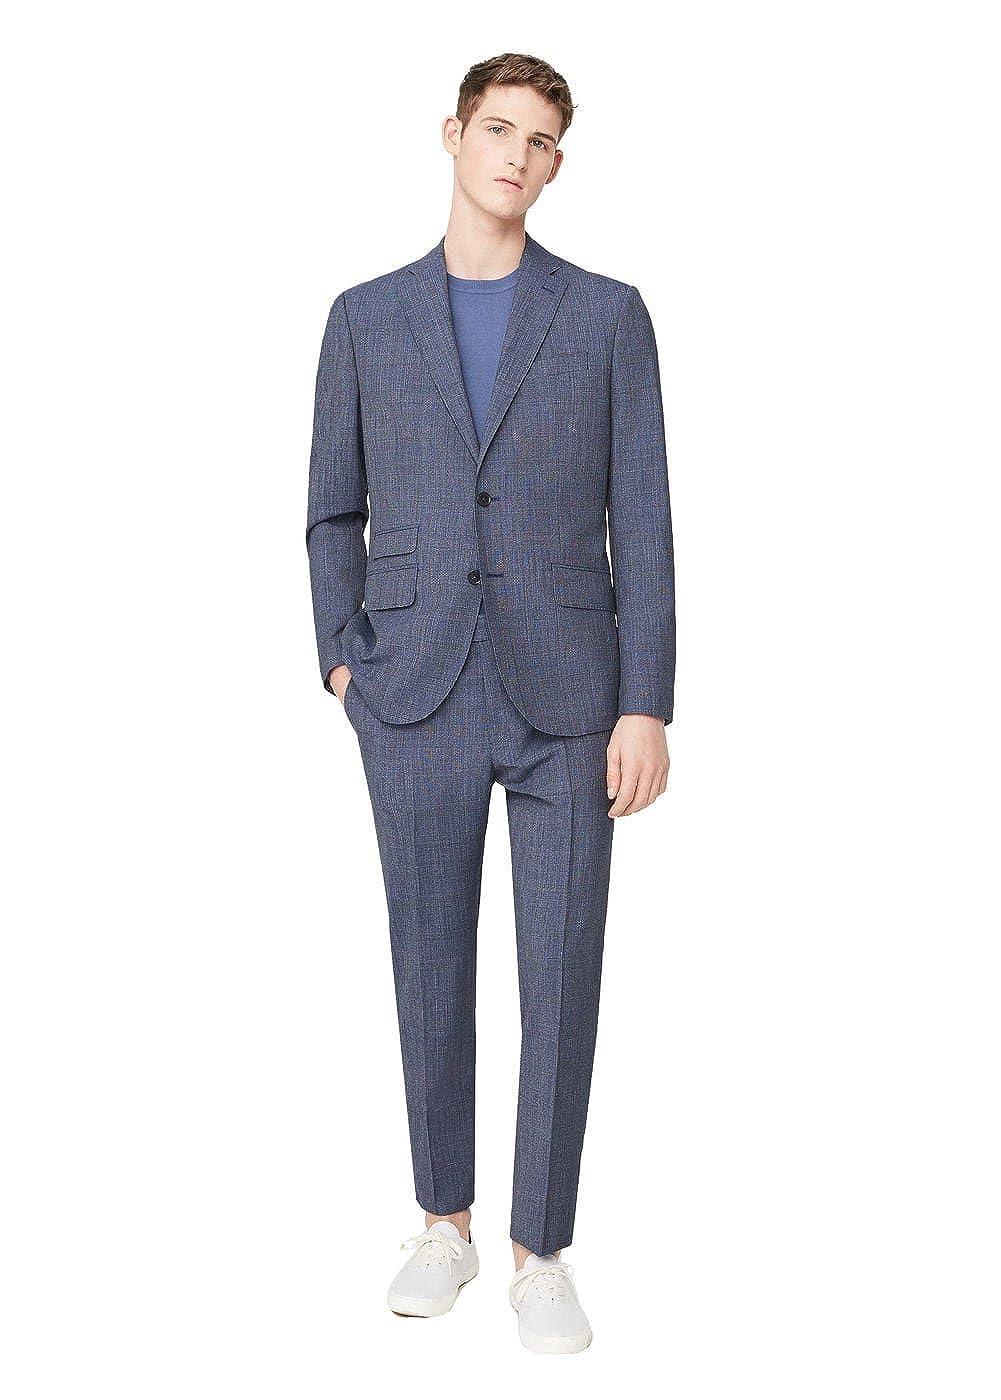 ae9fd6772bf6 MANGO MAN - Veste de costume en laine prince de Blazer Habillé galles -  Taille 56 - Couleur Lavande  Amazon.fr  Vêtements et accessoires